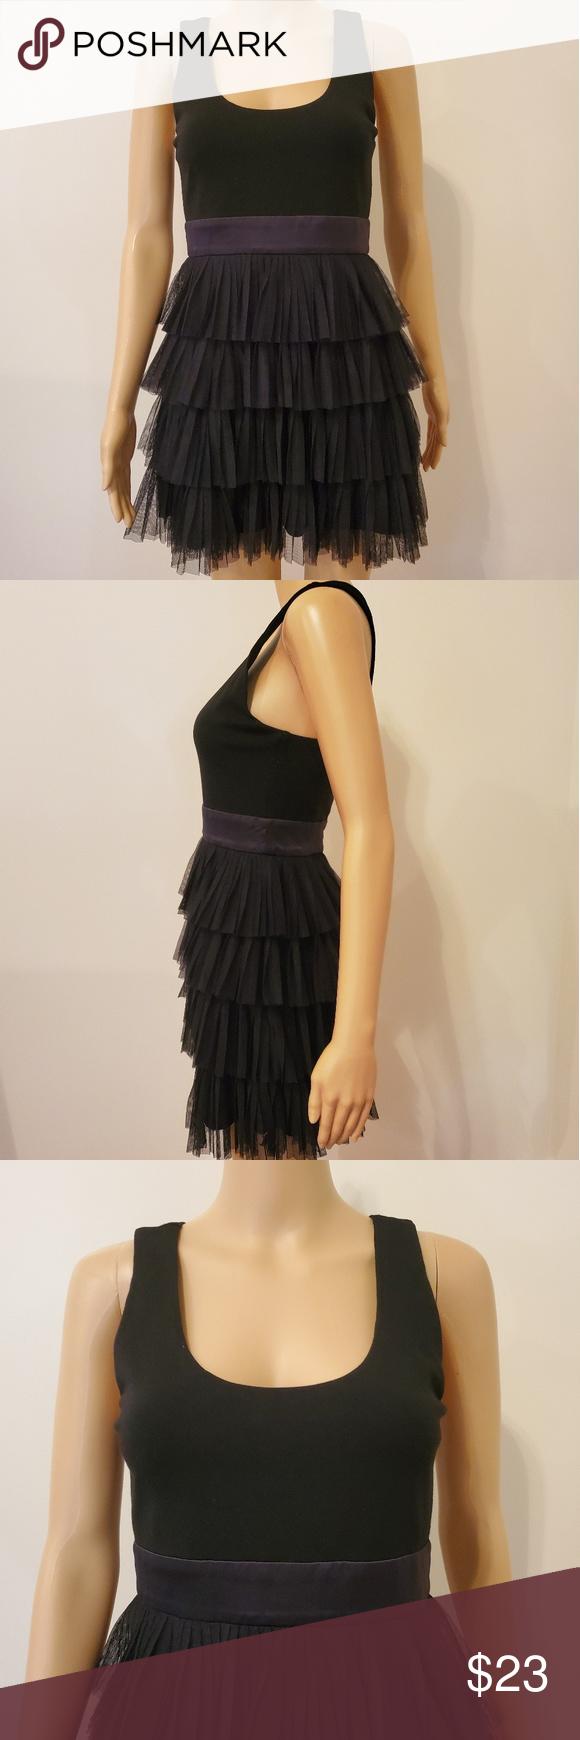 Host Pick Xxi Black Ruffle Bottom Dress Ruffle Bottom Dress Black Ruffle Clothes Design [ 1740 x 580 Pixel ]